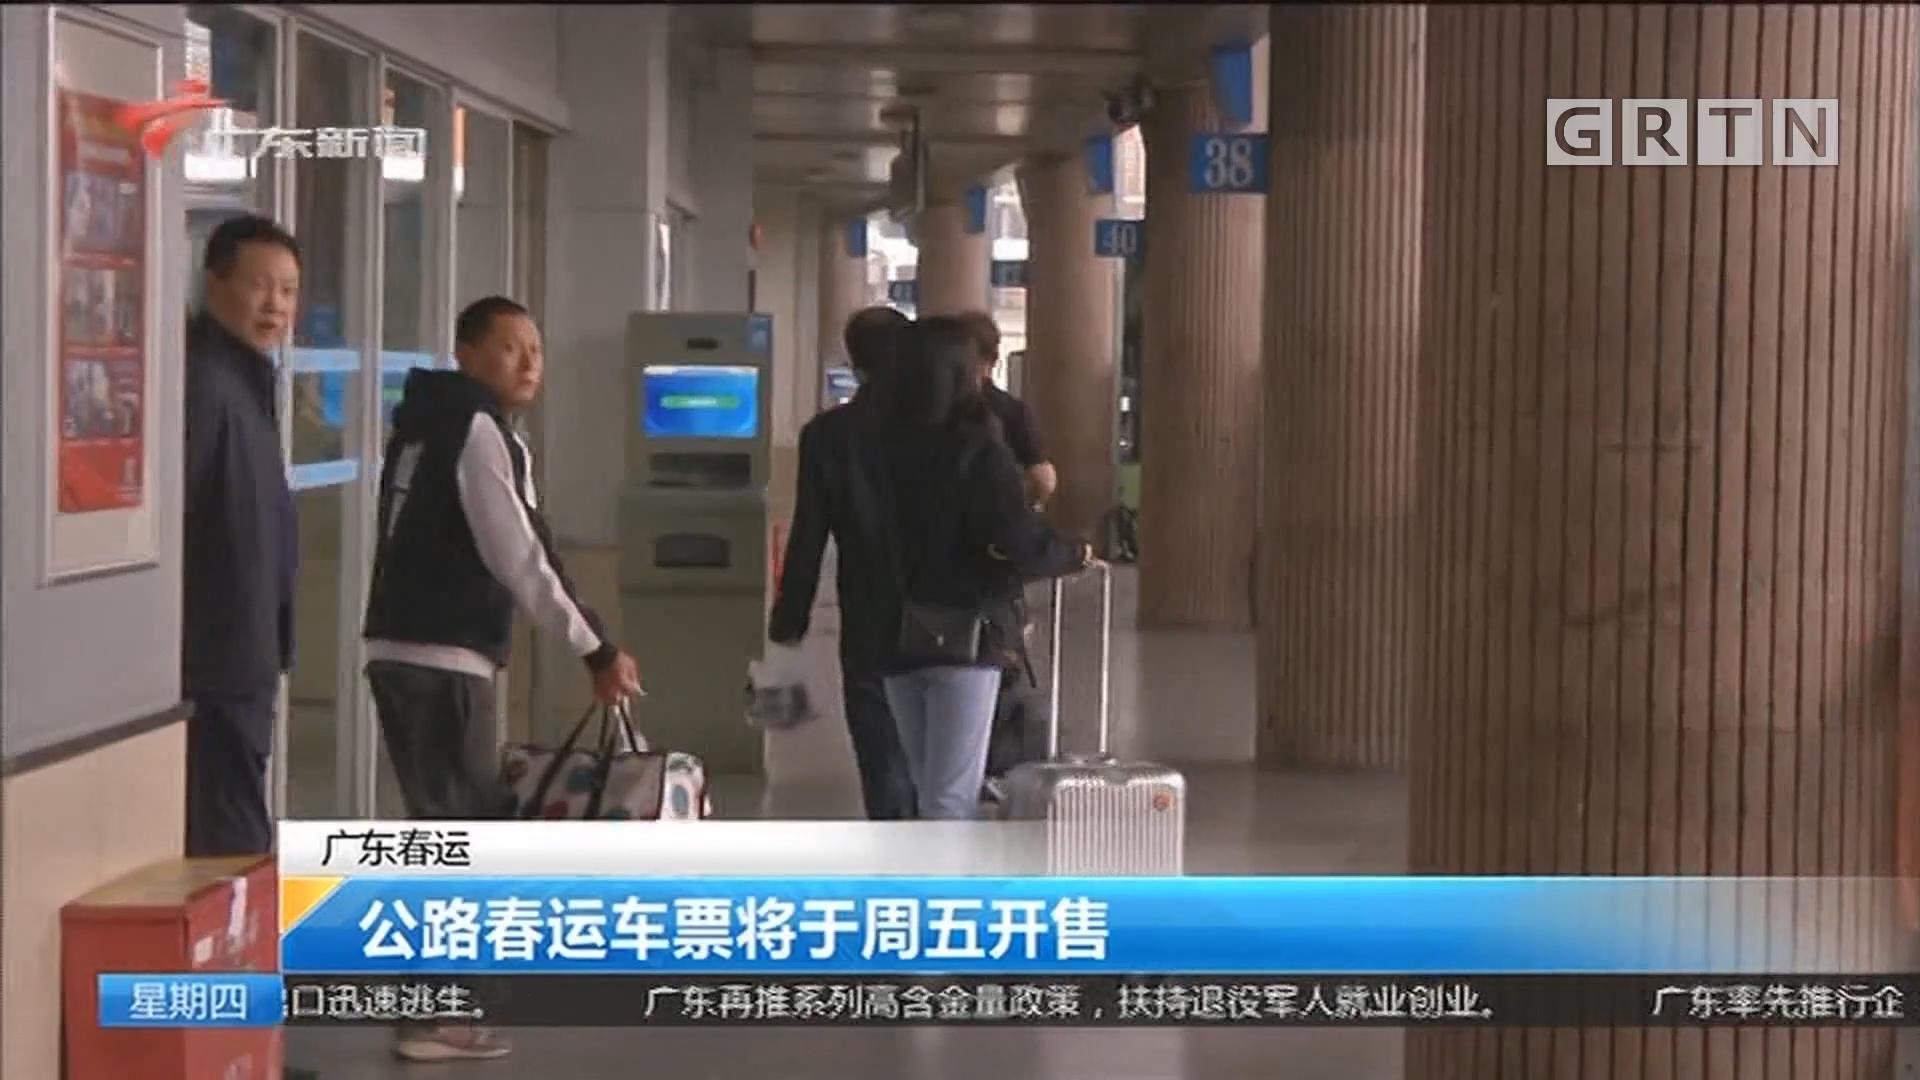 广东春运 公路春运车票将于周五开售